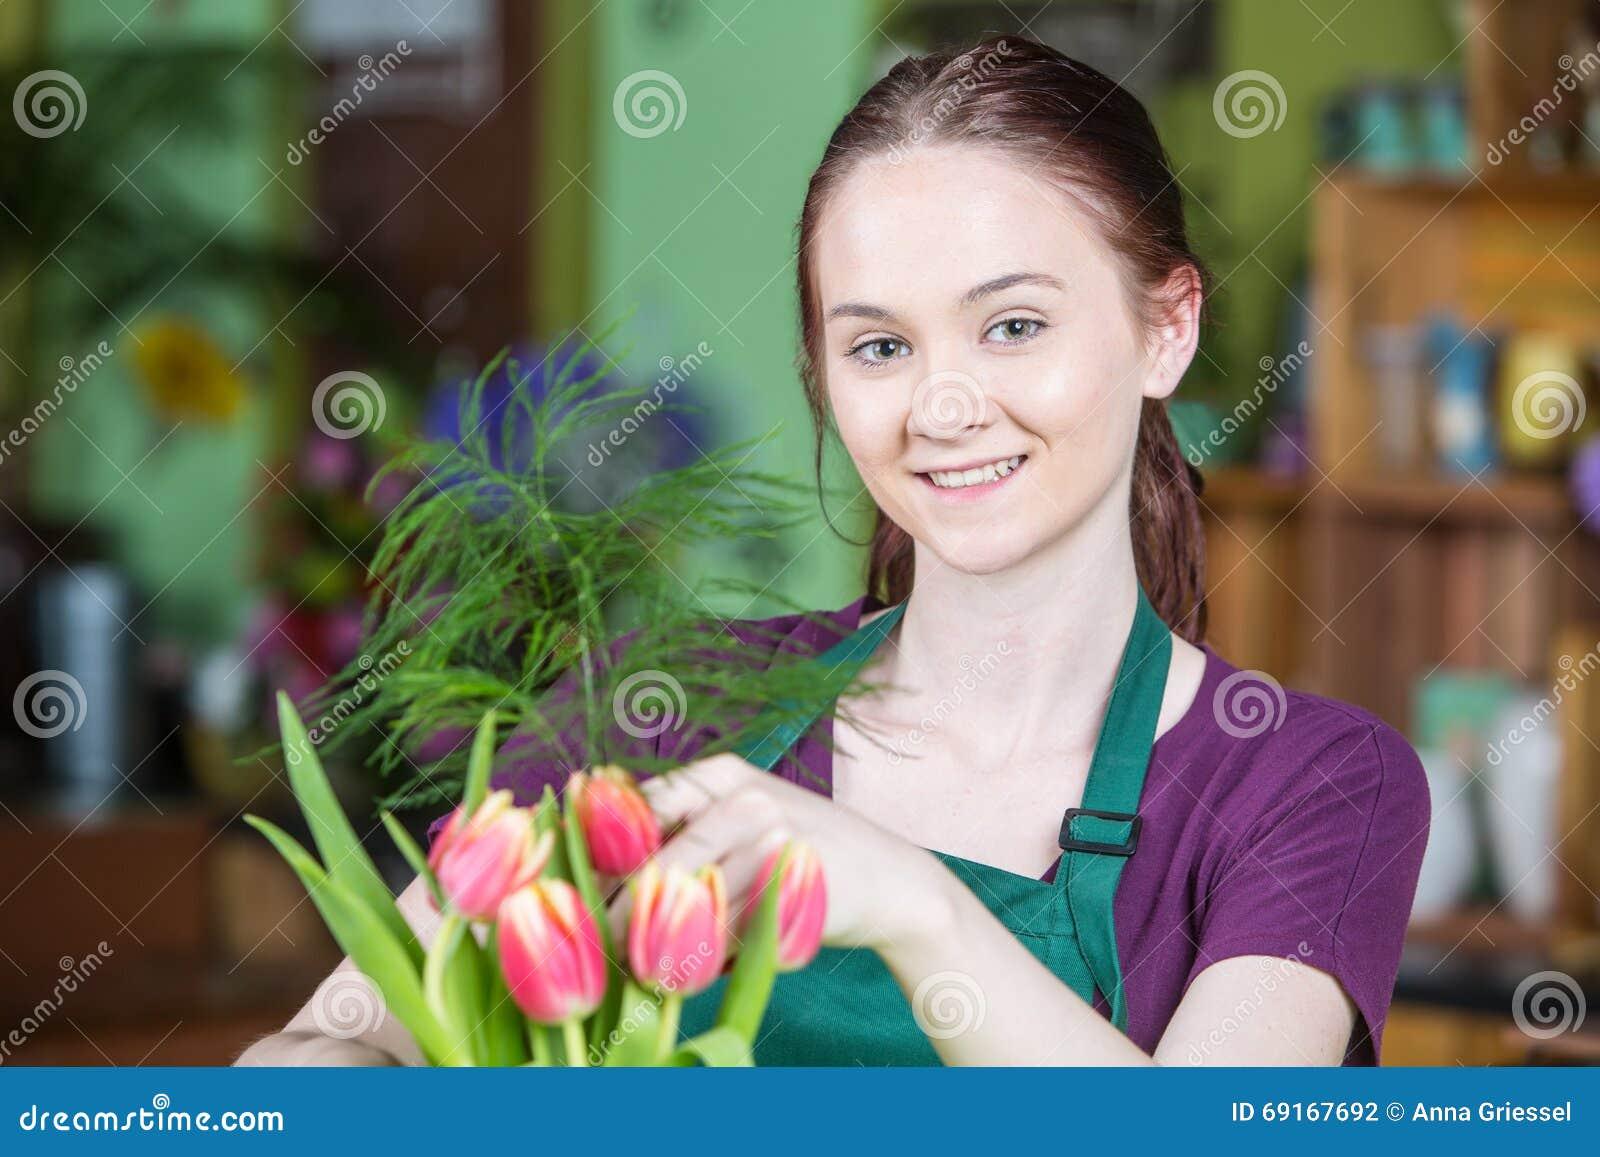 Bloemist Creating Tulip Arrangement